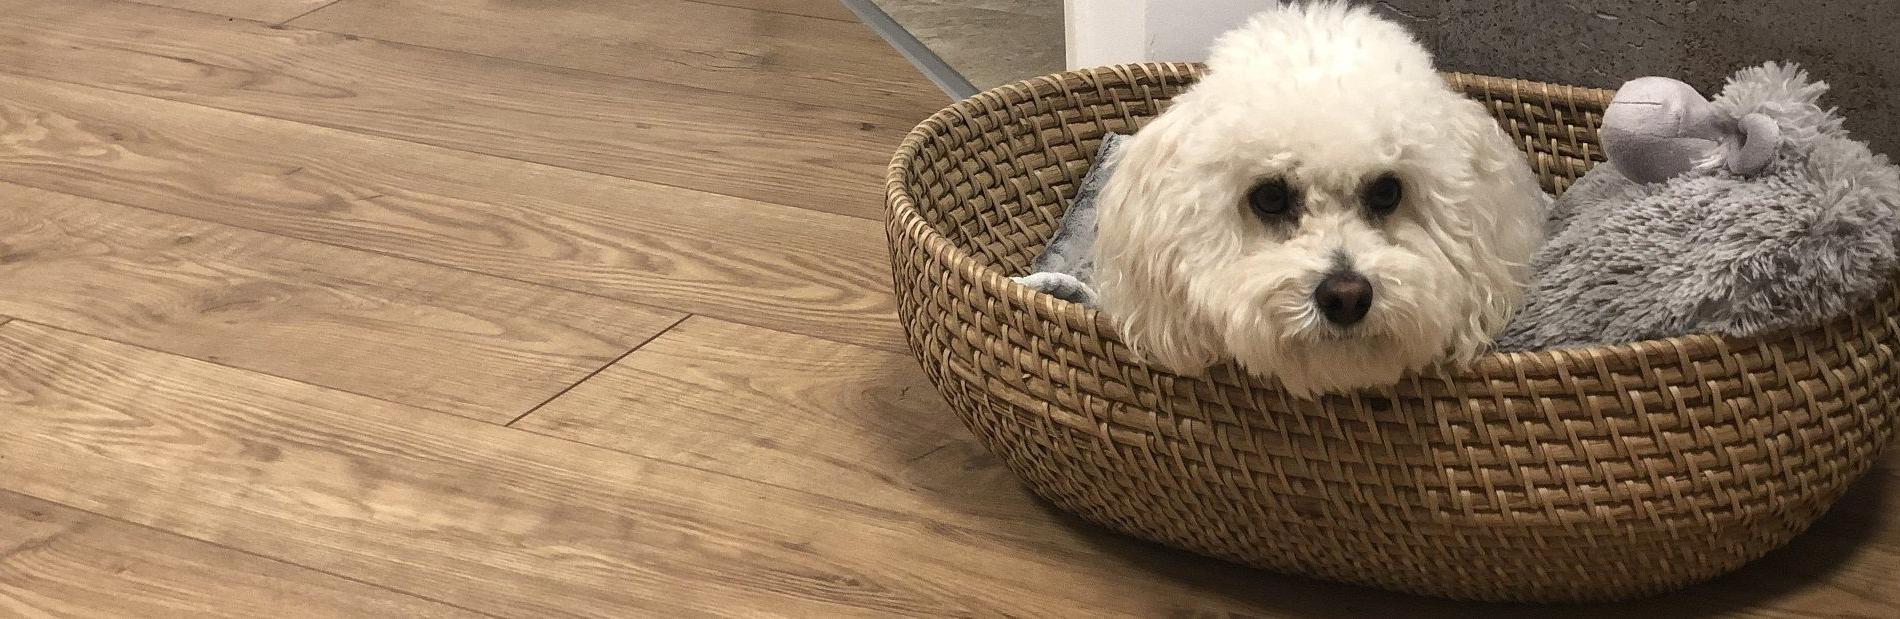 כלב בסלסלה על פרקט מינציה